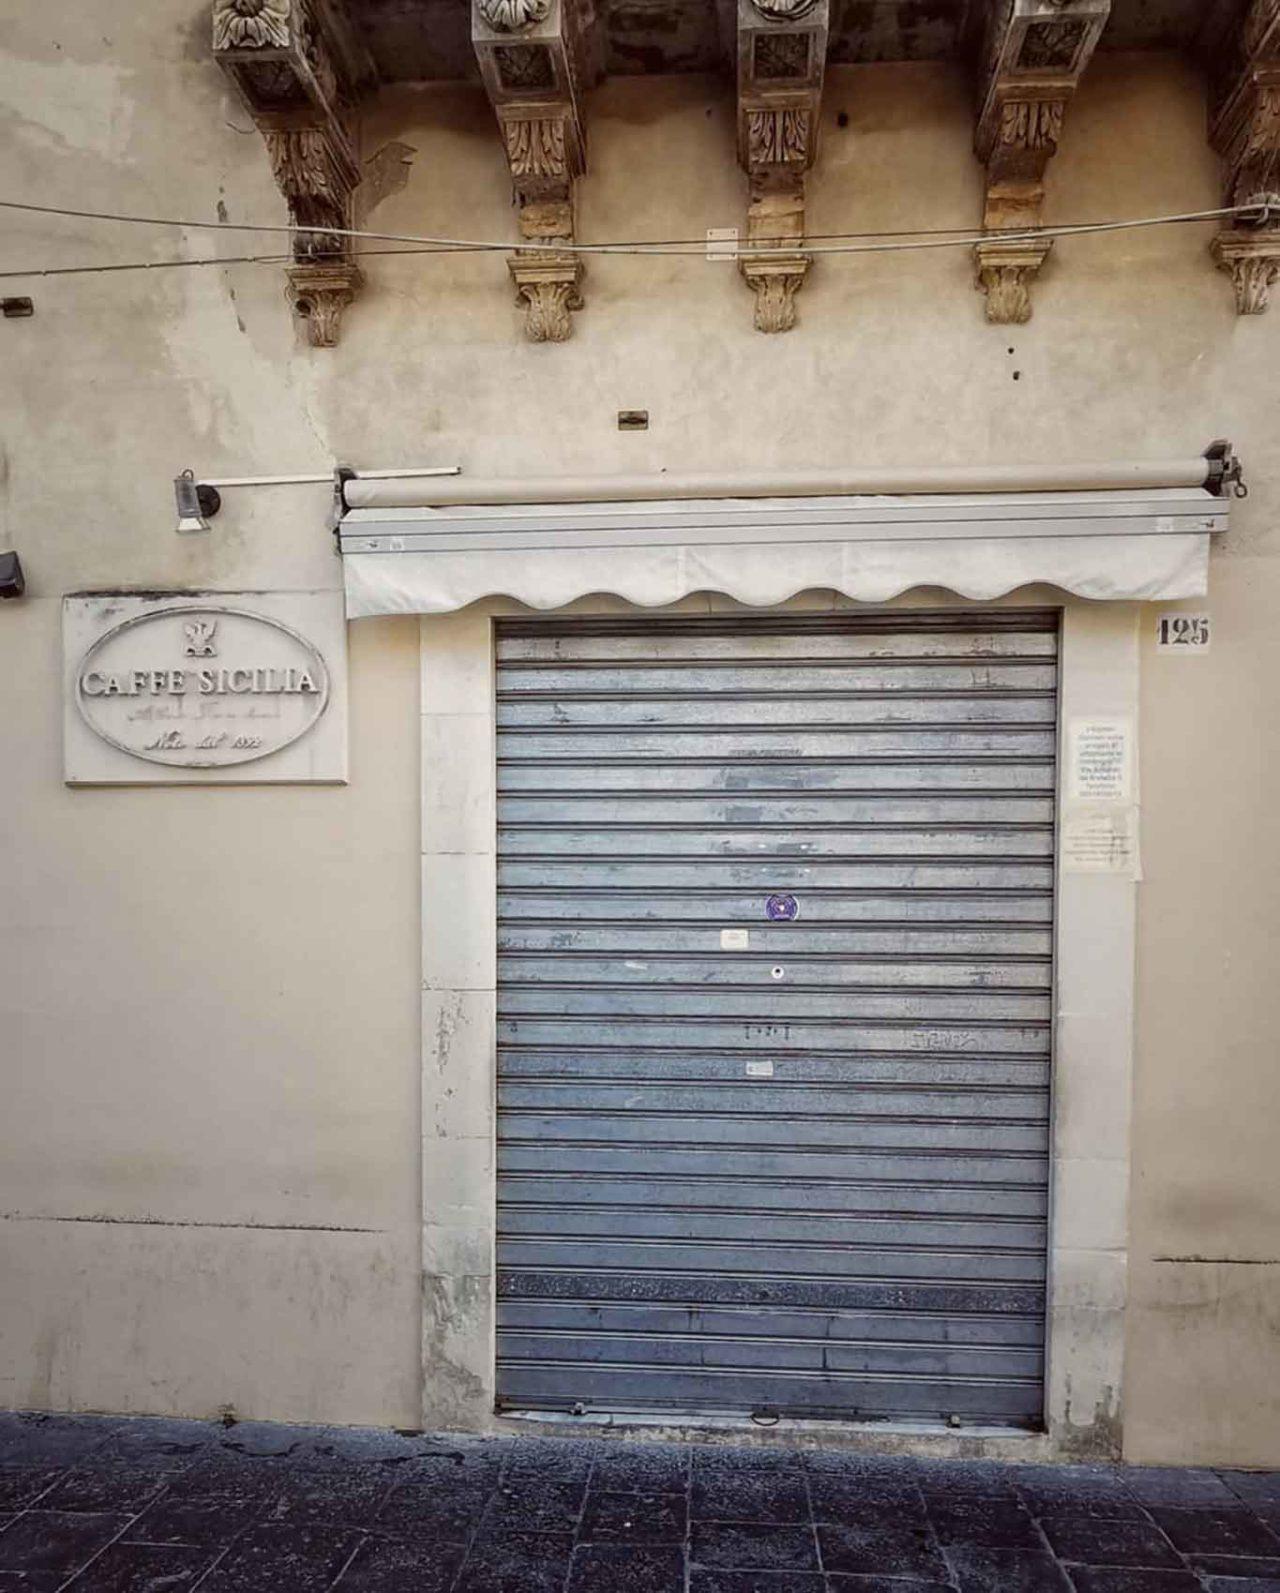 Caffè Sicilia Noto chiuso